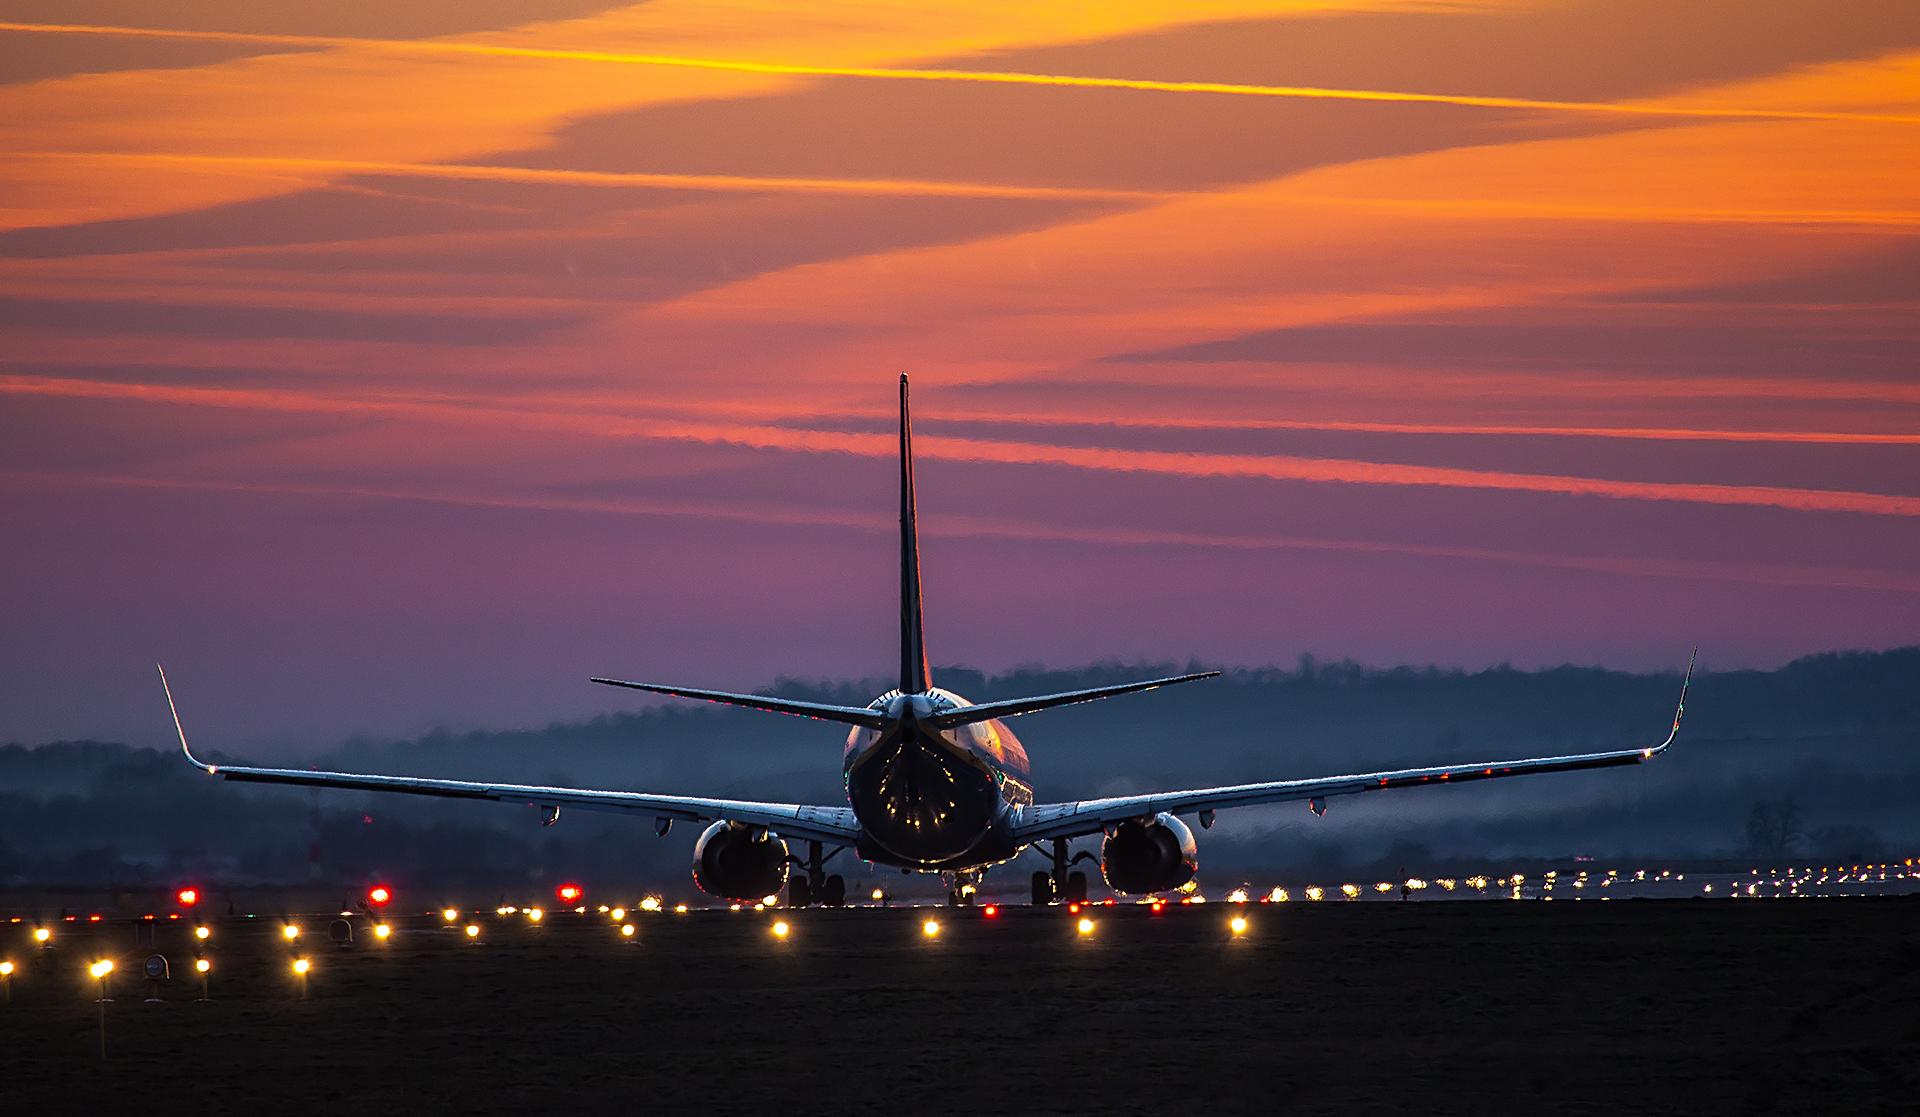 Картинки взлет самолета широкоформатные